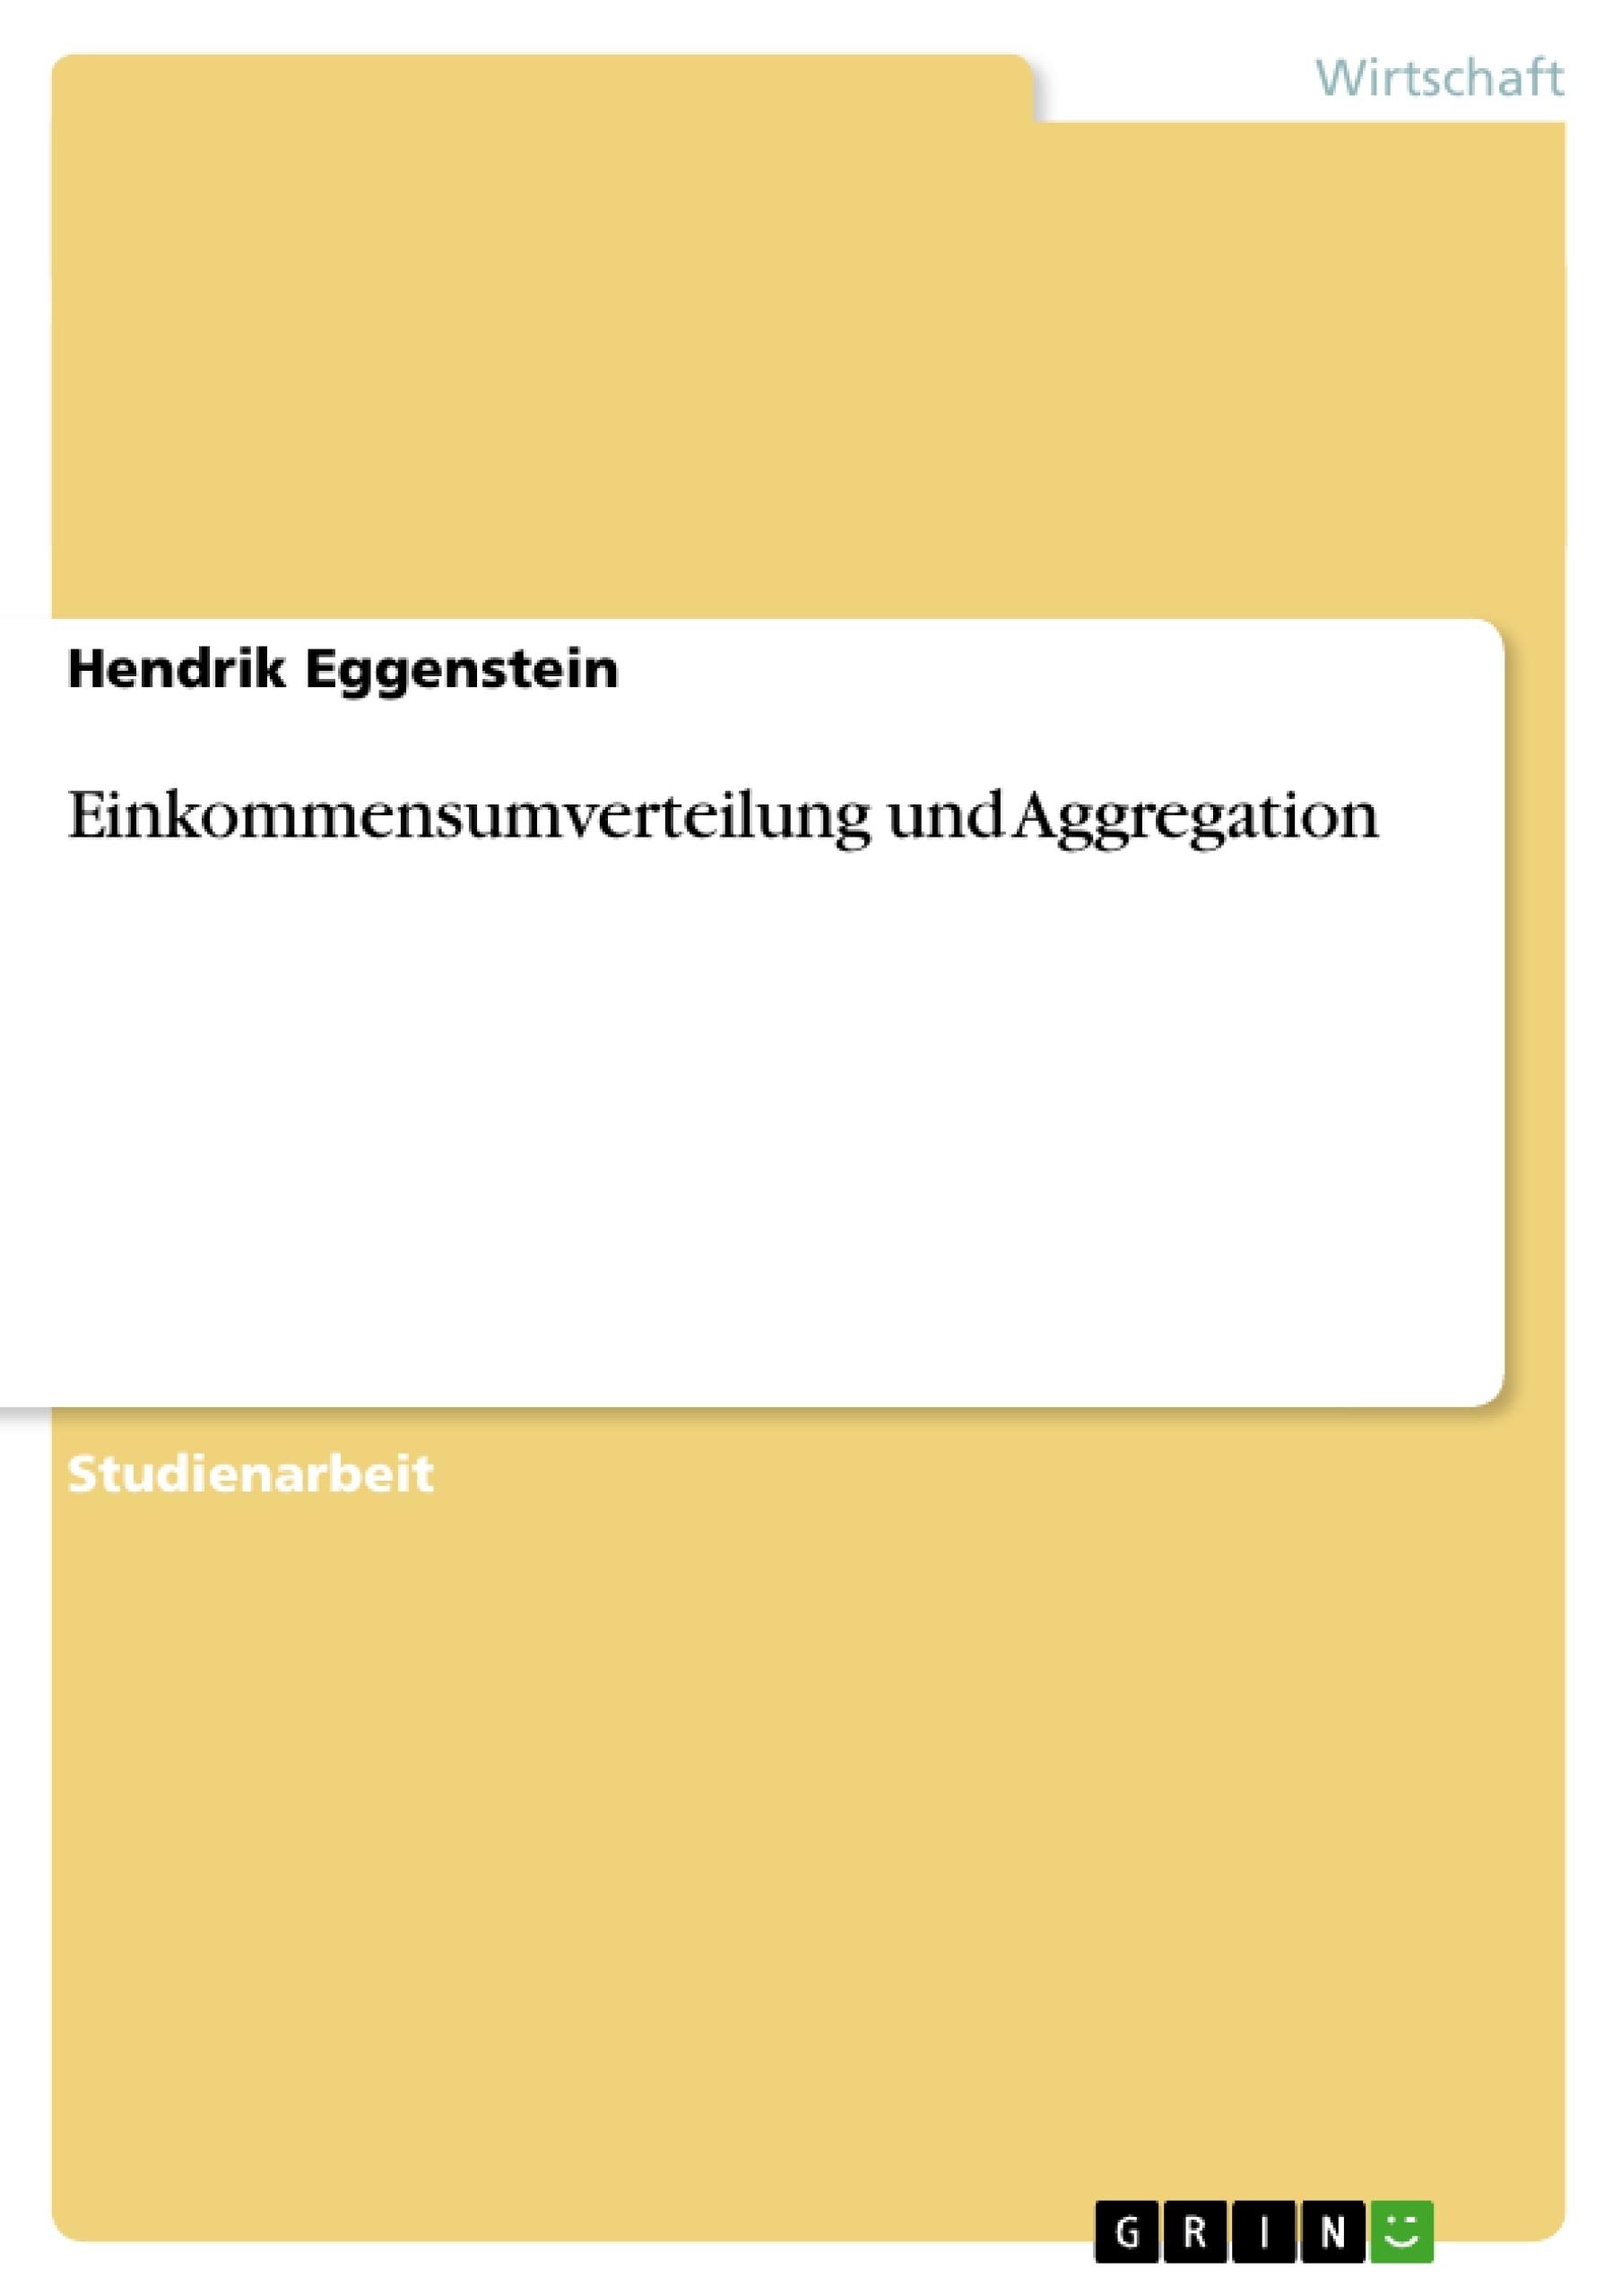 Titel: Einkommensumverteilung und Aggregation